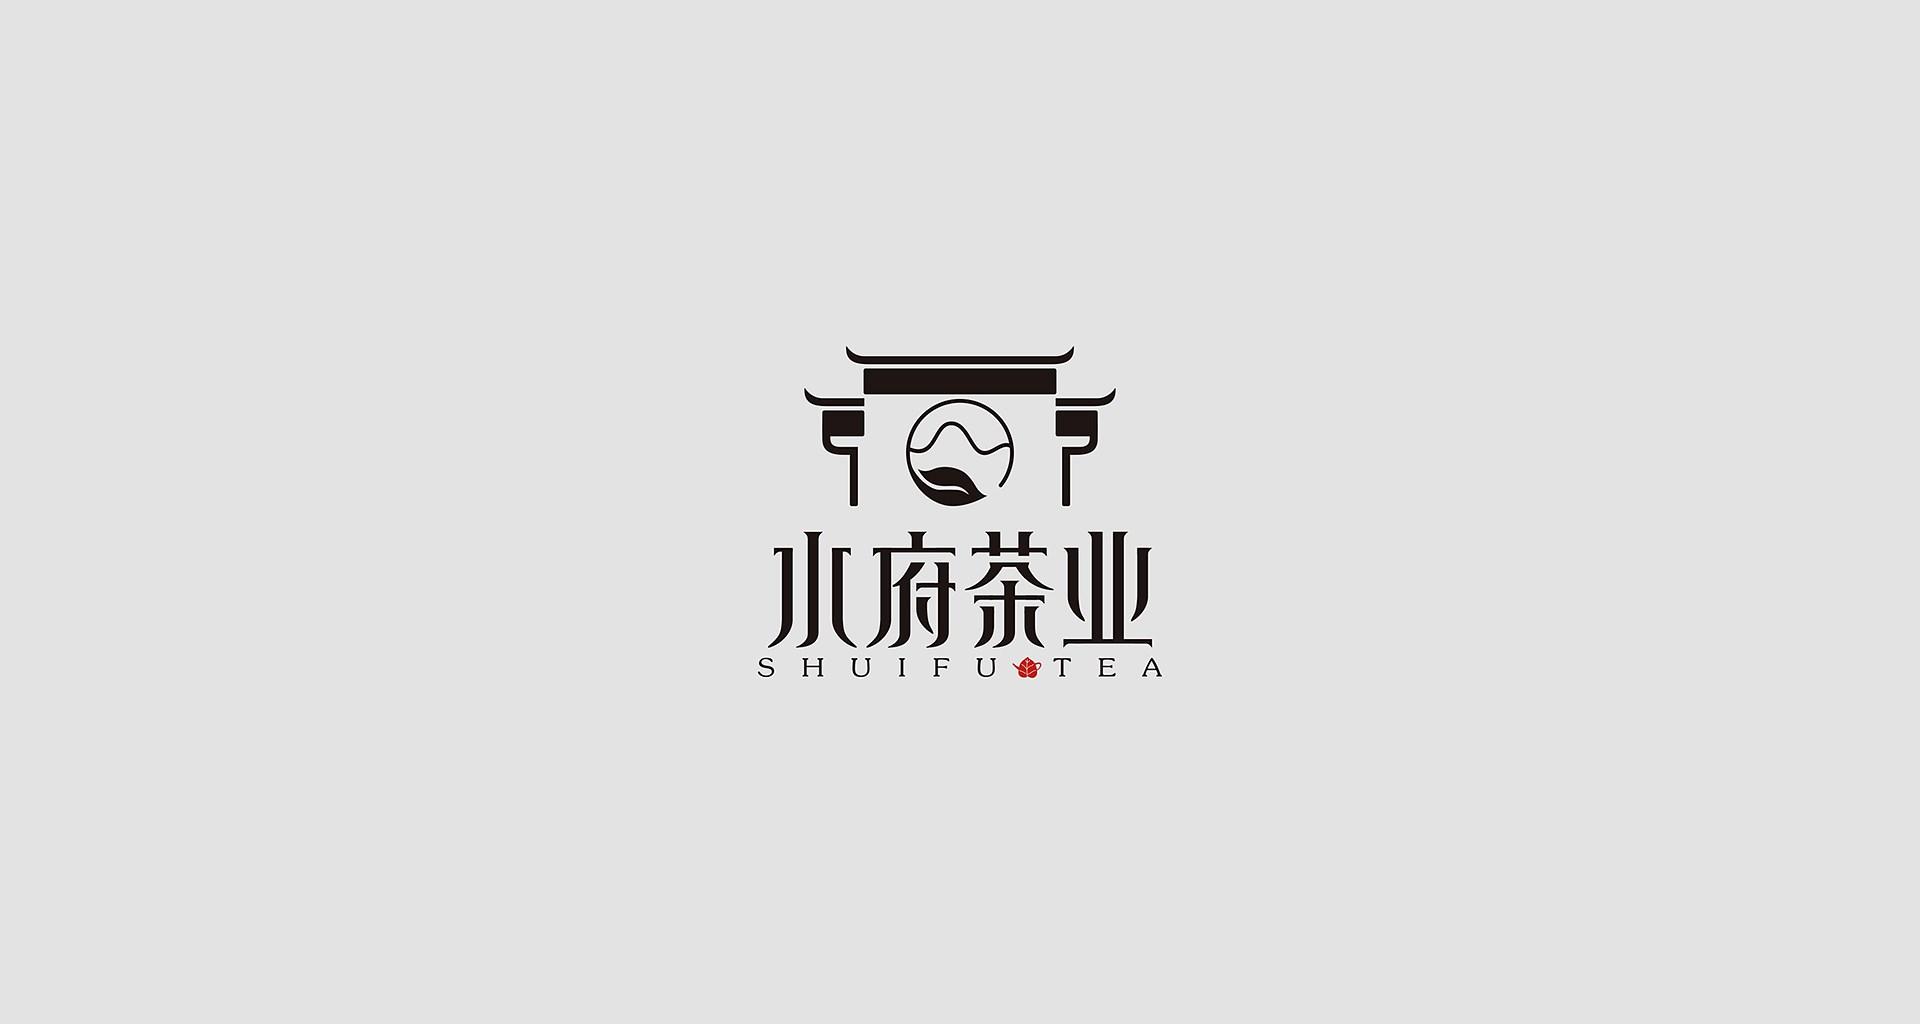 水府茶新万博竞彩app苹果下载万博manbetx手机版苹果下载_0004.JPG